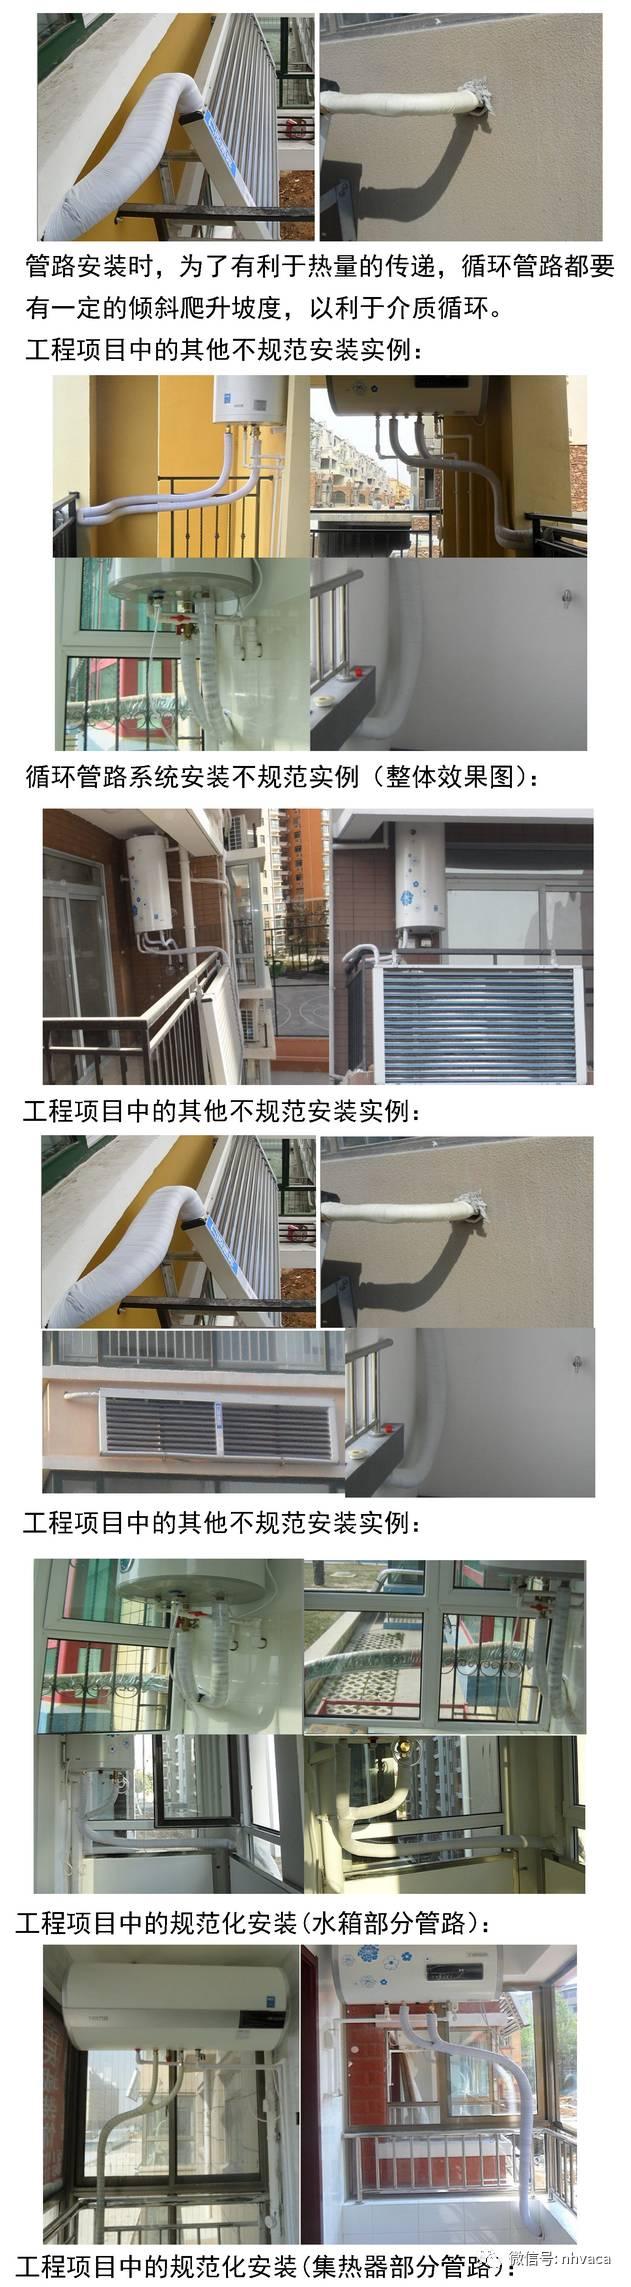 阳台壁挂太阳能热水器设计安装手册_10